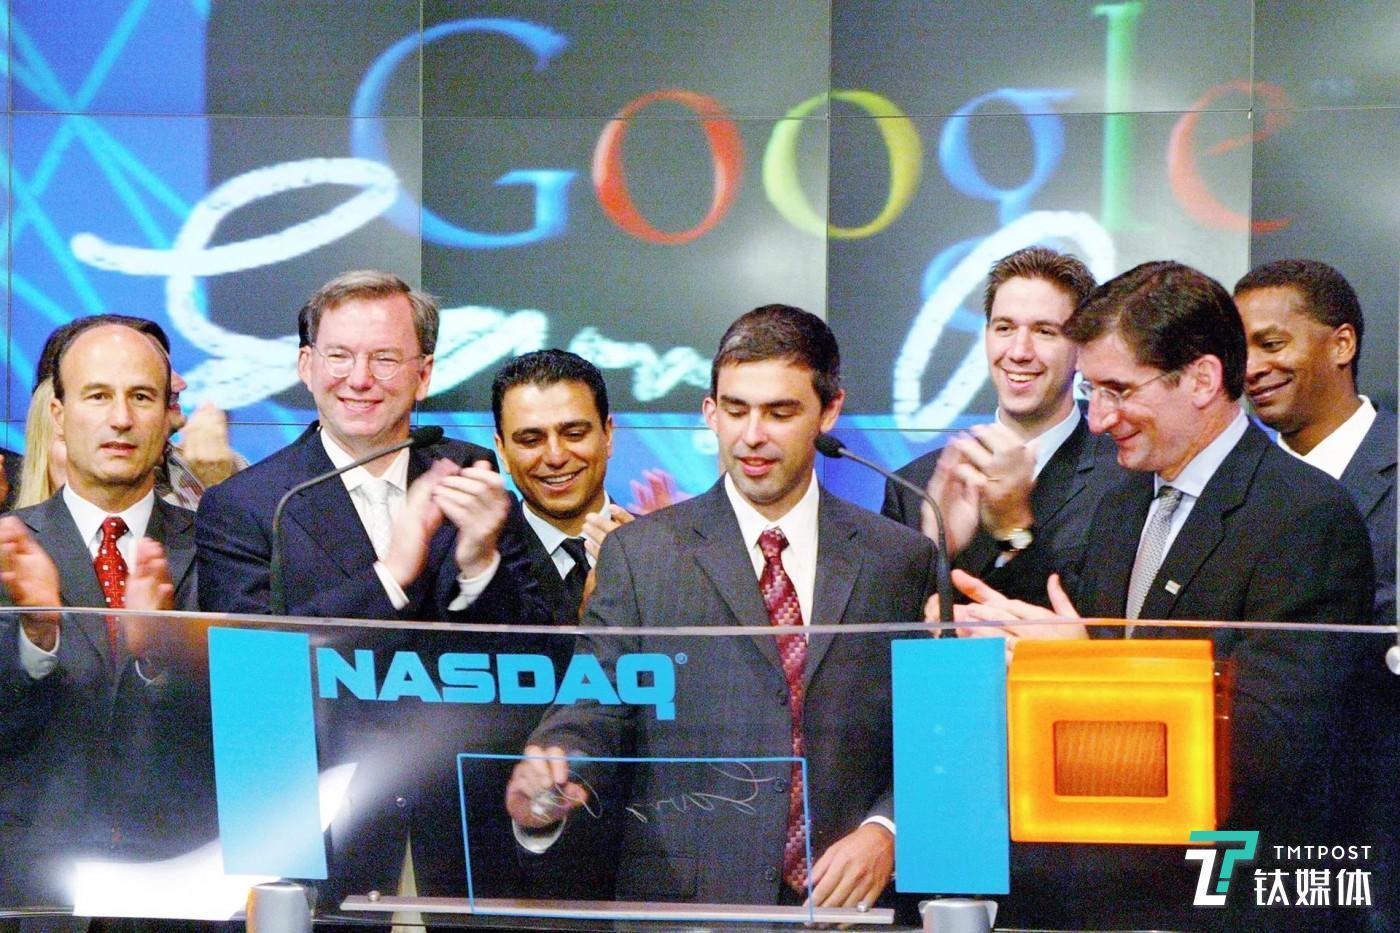 12月4日,谷歌创始人、谷歌母公司Alphabet首席执行官拉里· 佩奇宣布将辞去CEO一职,该职位将由现任谷歌首席执行官皮查伊接任。(图/Getty Images)